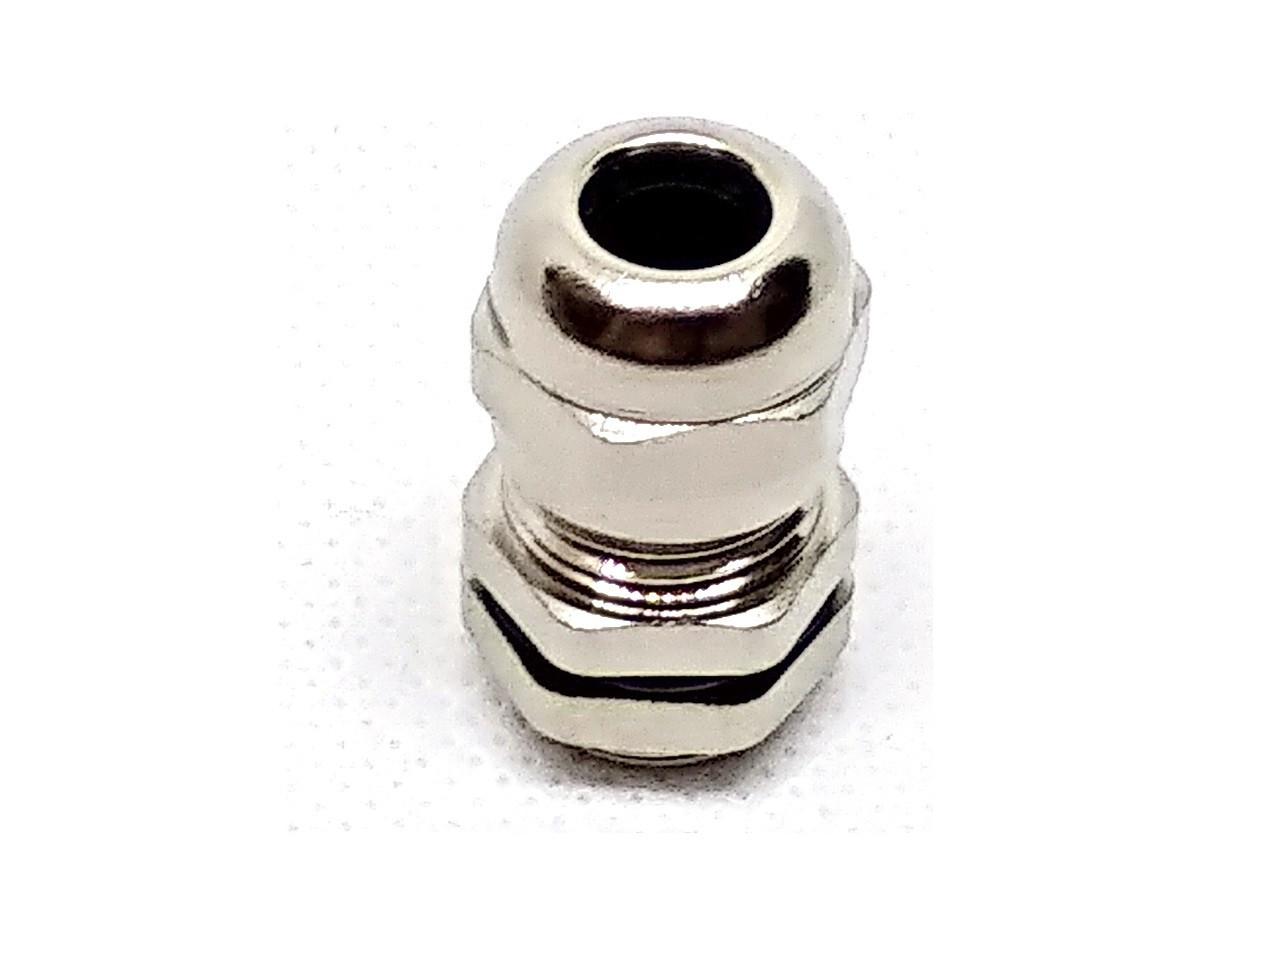 Гермоввод (кабельный ввод) PG-7 латунный никелированный